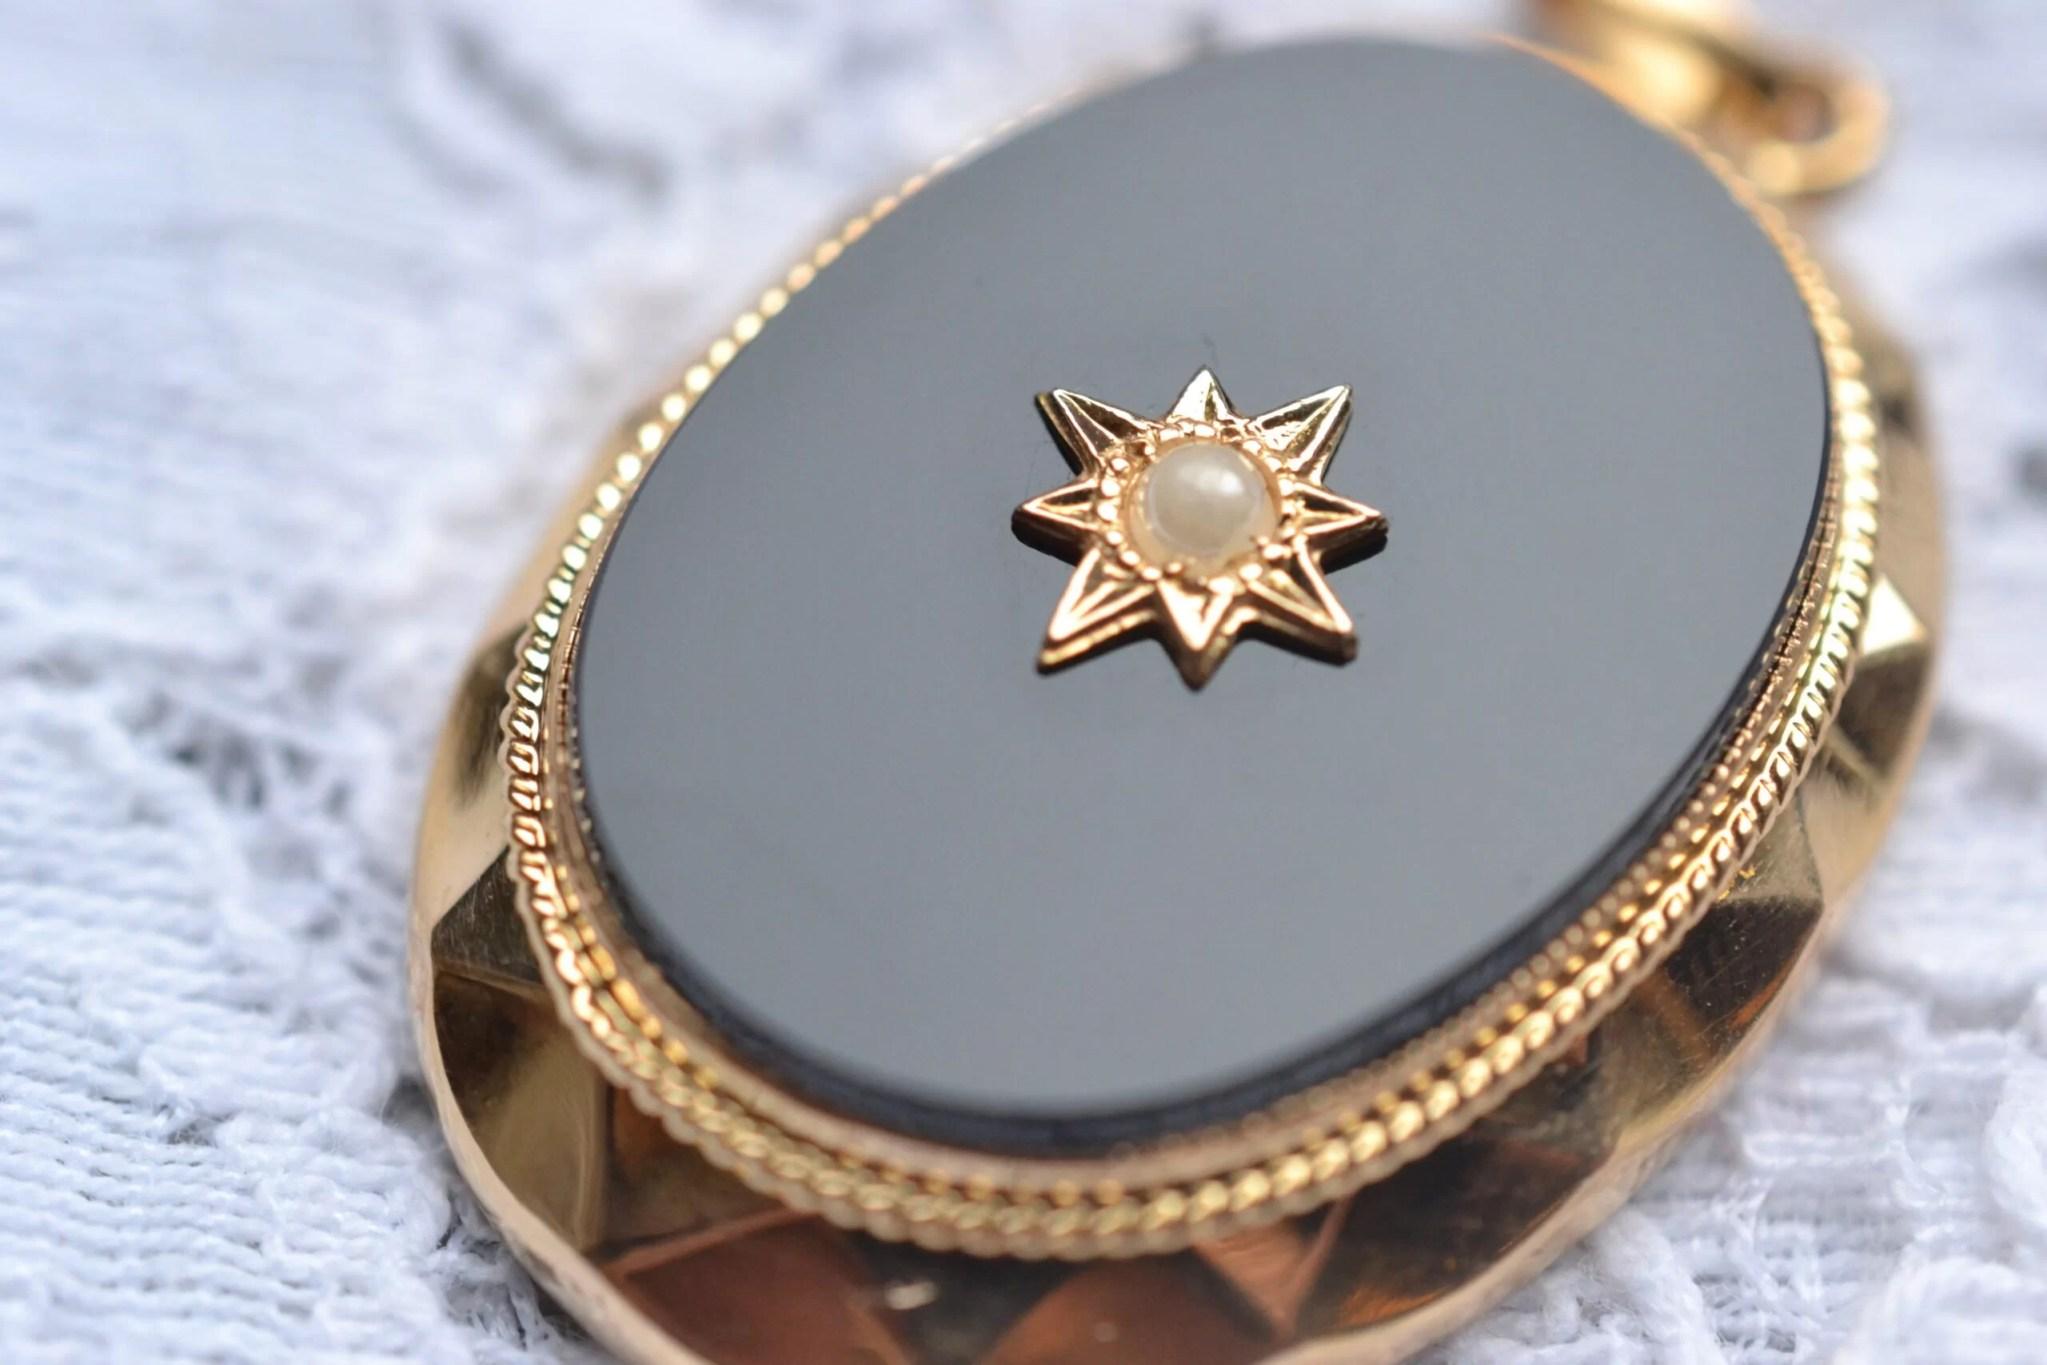 Pendentif Seconde Main en Or jaune 18 carats (750/1000), serti d'une plaque d'onyx et orné d'une perle en son centre